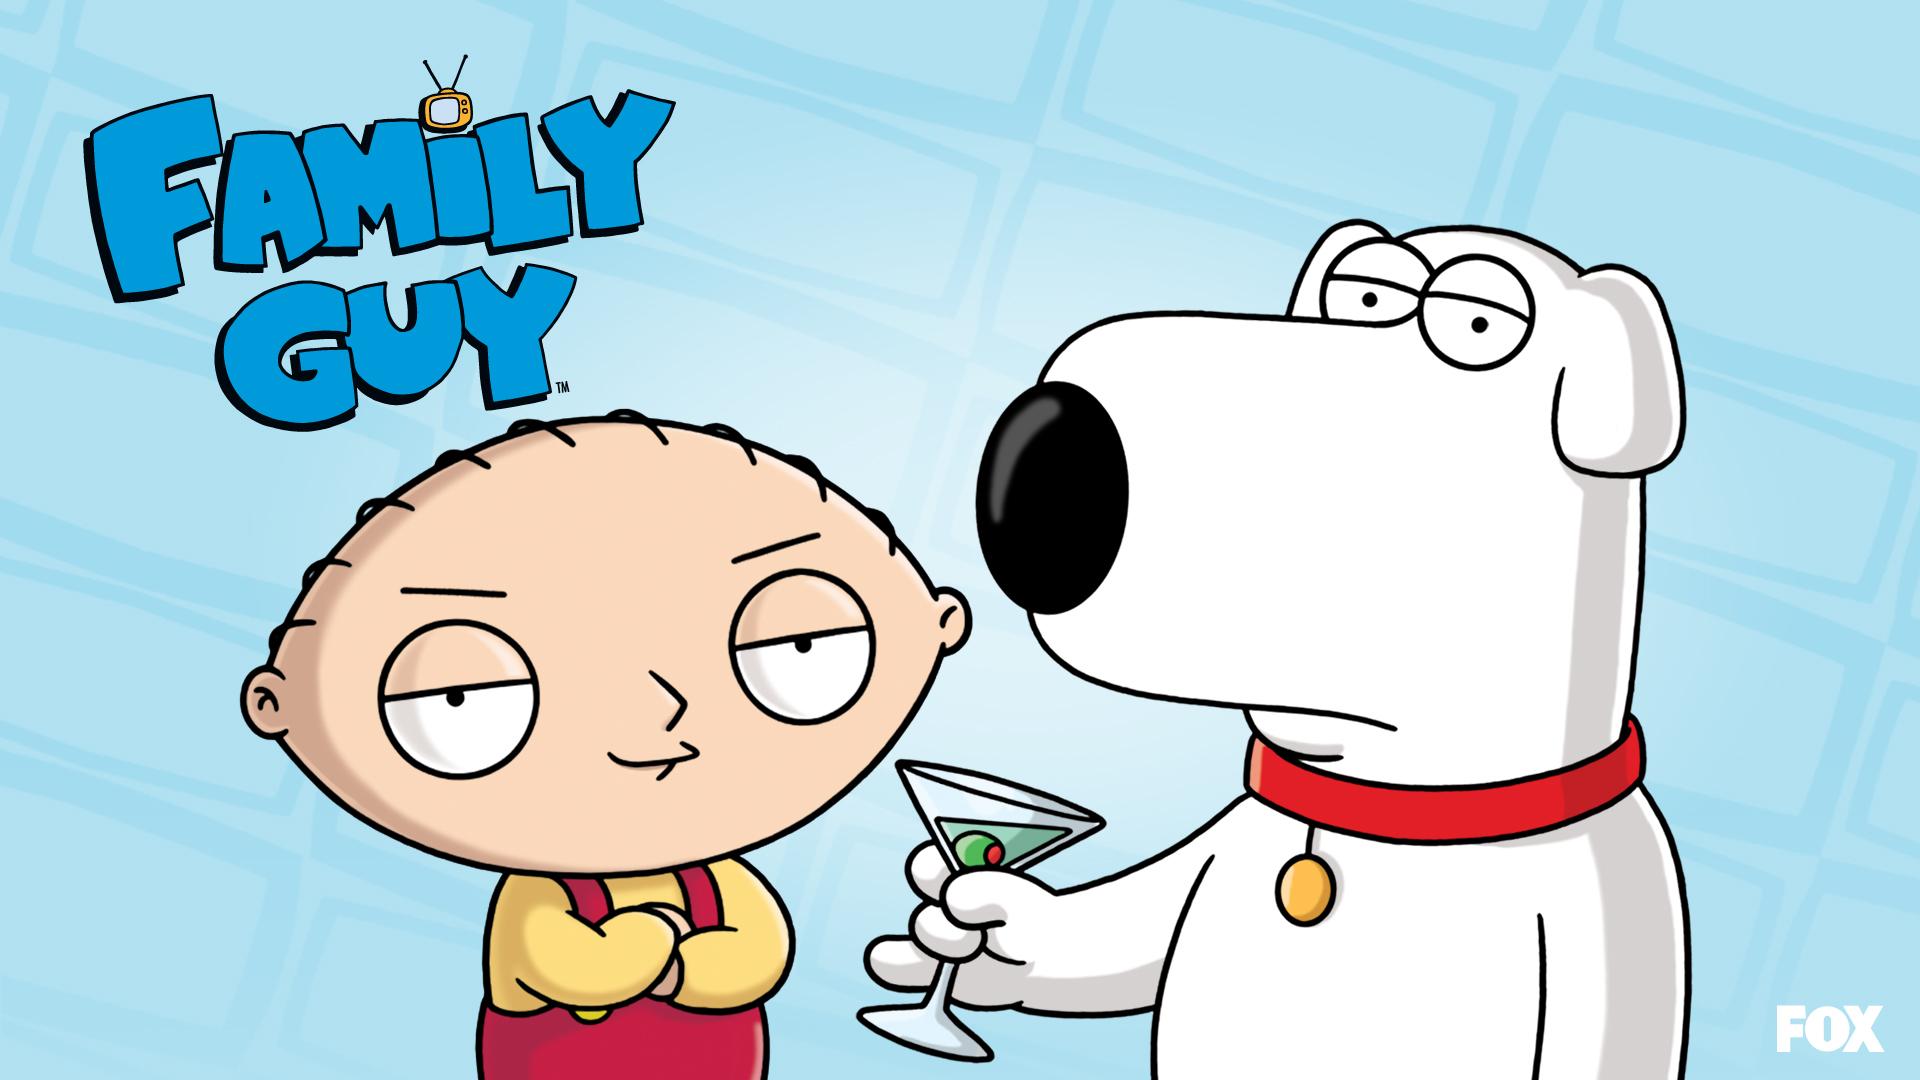 Family Guy wallpaper 2